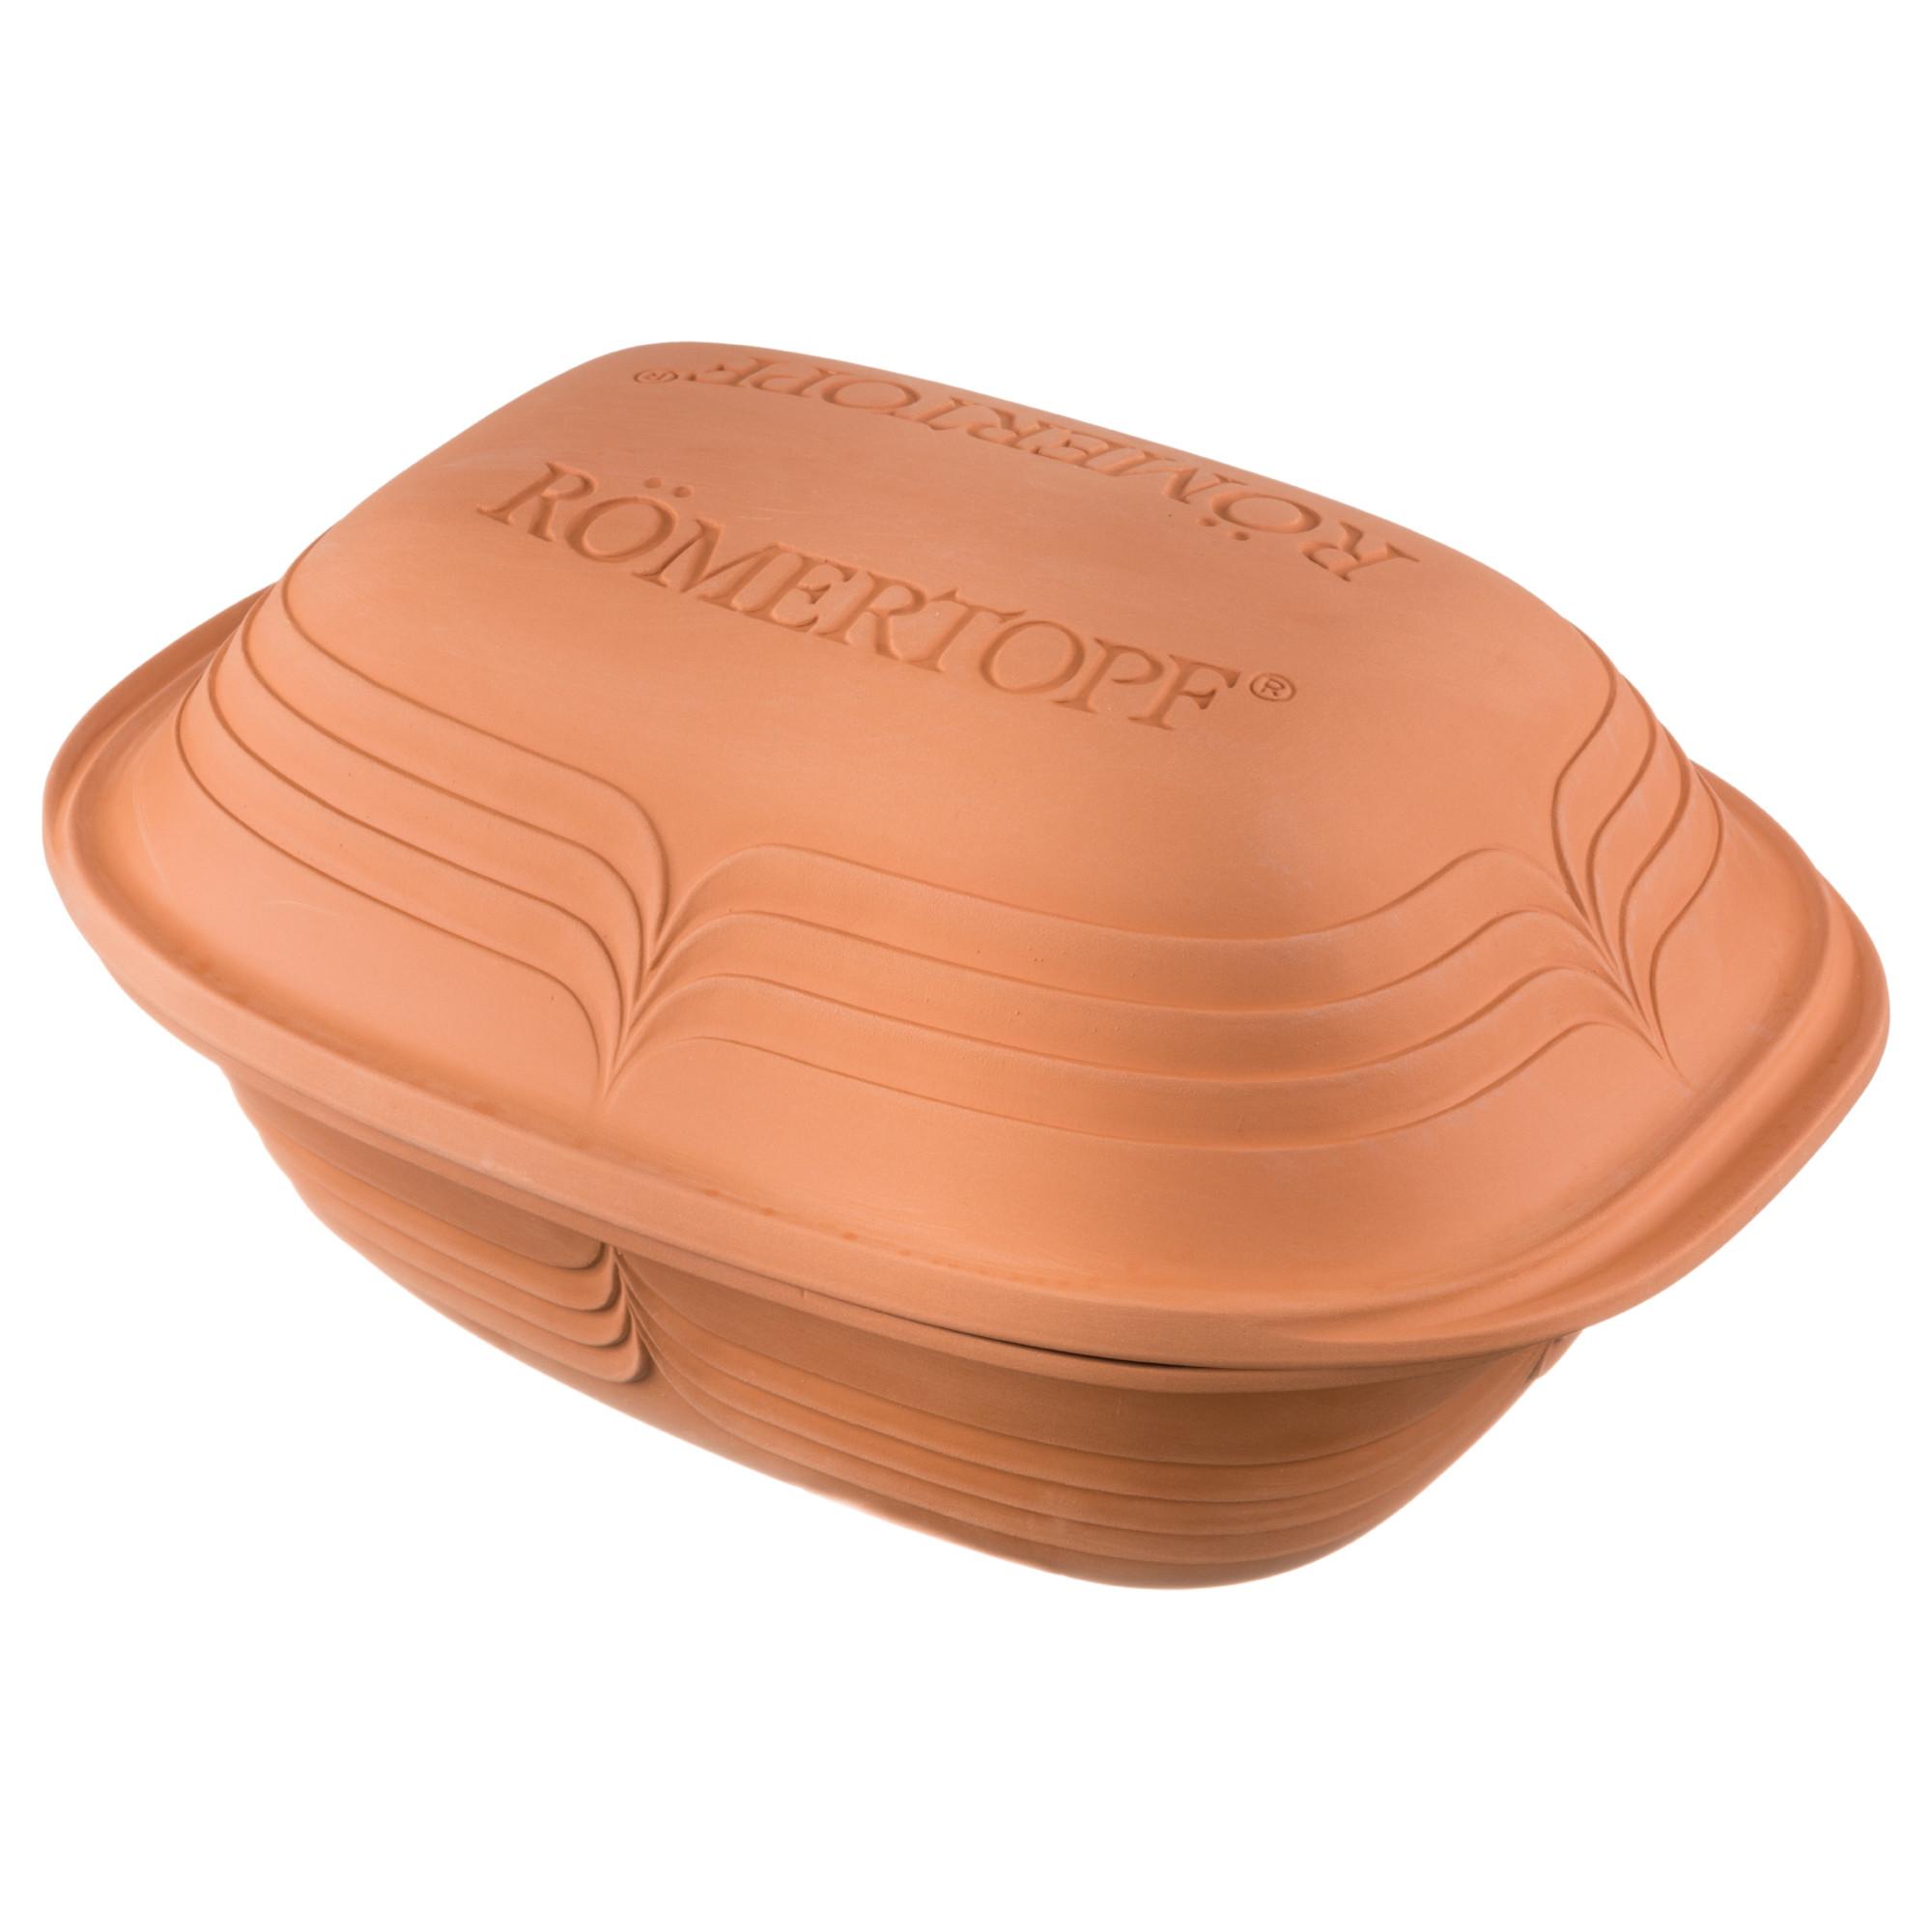 Romertopf Baker Modern 5L